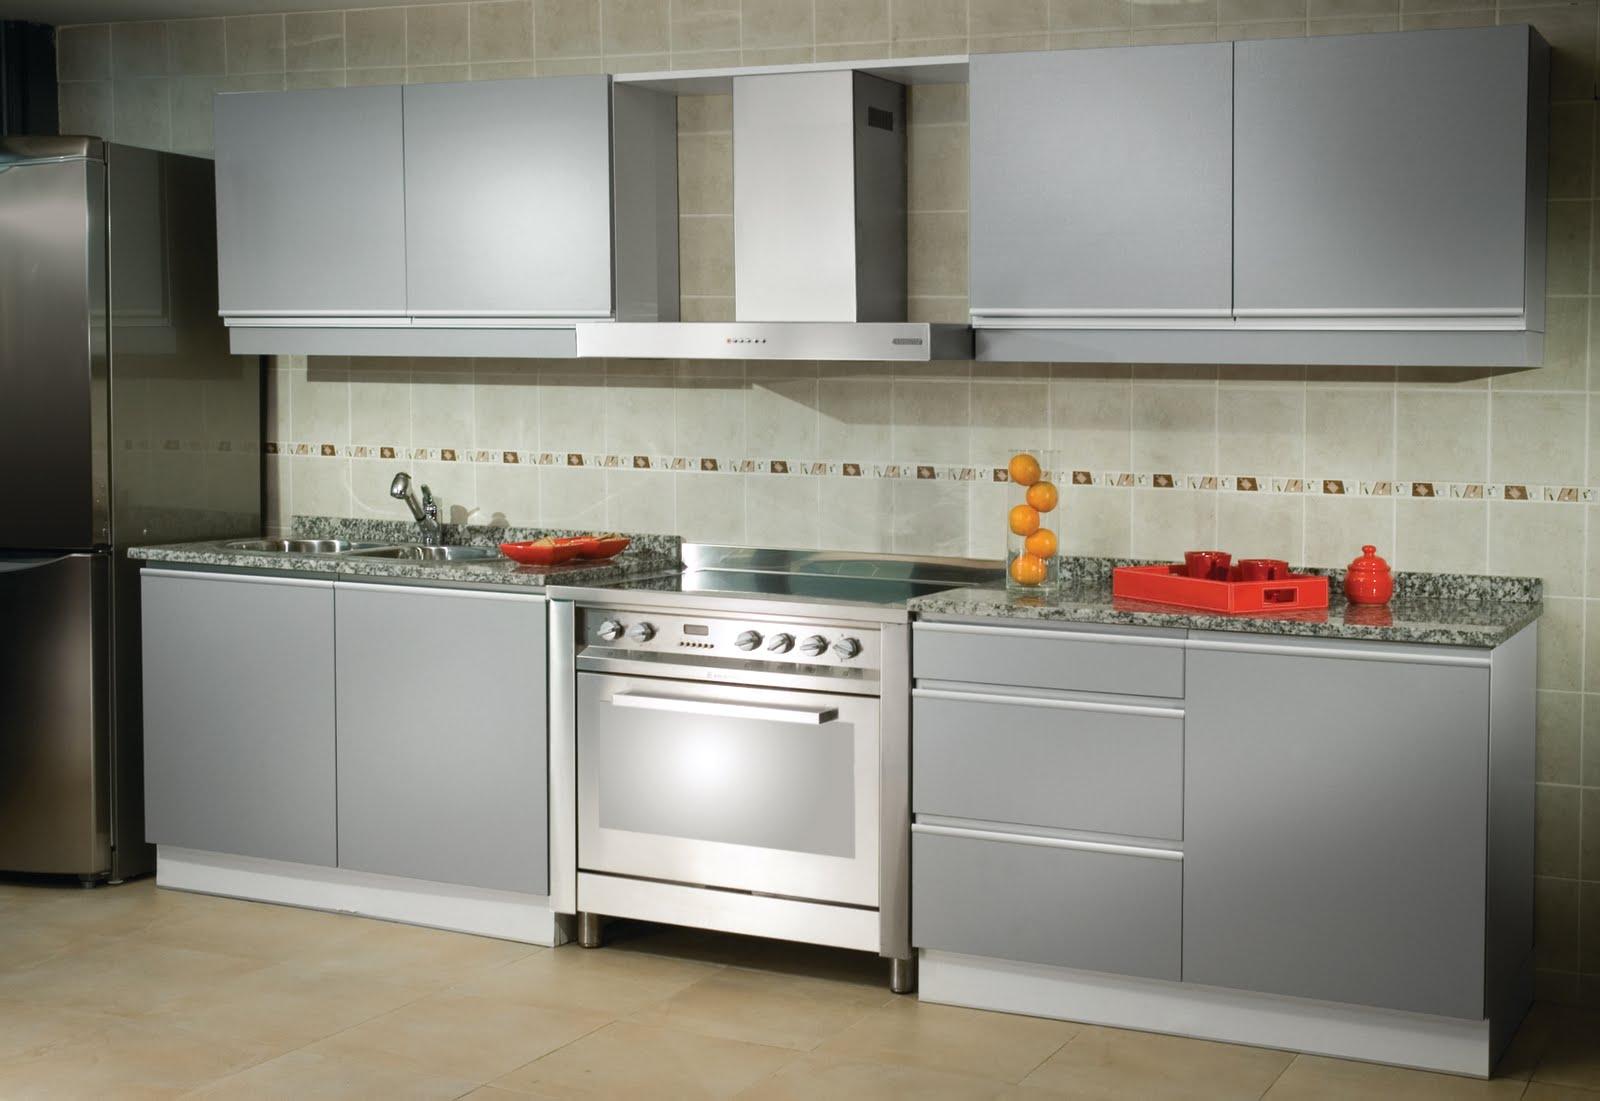 Muebles de cocina en la plata 20170804011051 for Guardas para cocina